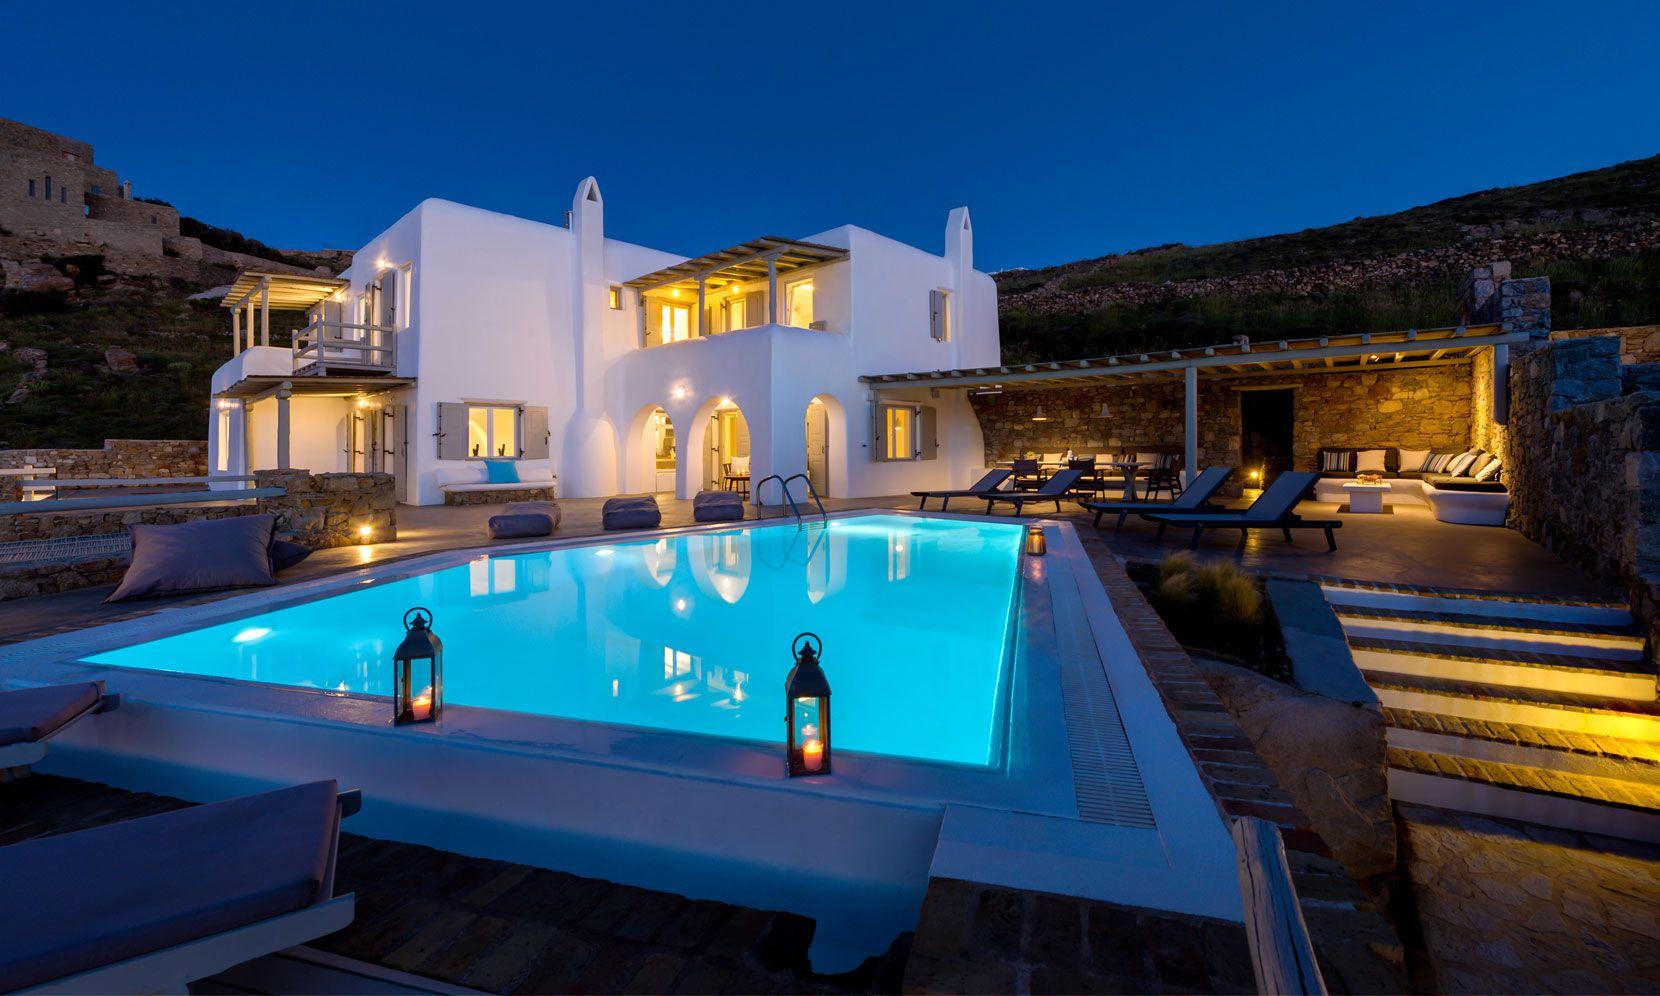 Mykonos Villa Ortygia 2 jumbotron image